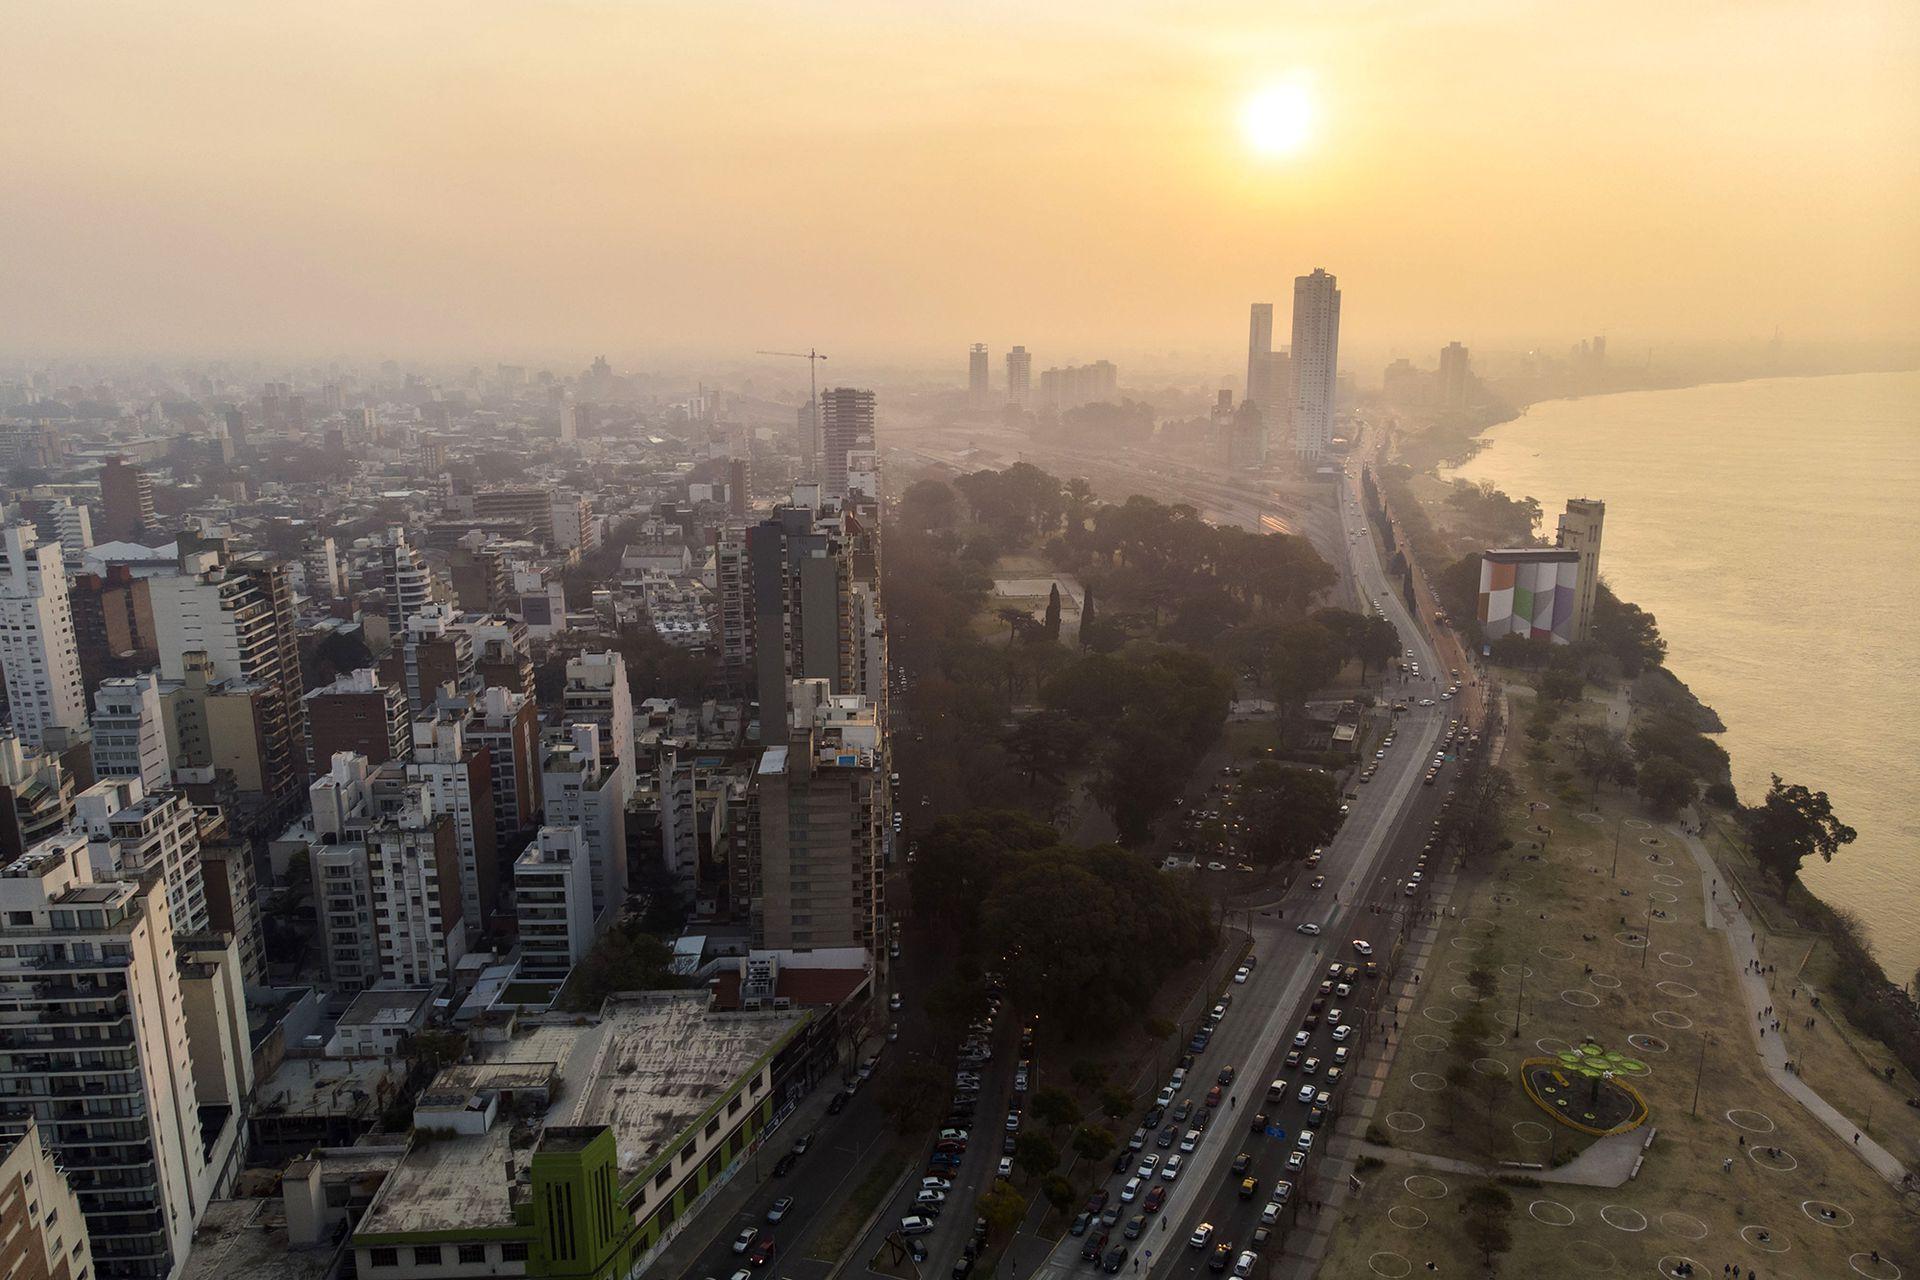 Este año, la ciudad de Rosario estuvo varias veces cubierta de humo debido a los incendios en el Delta